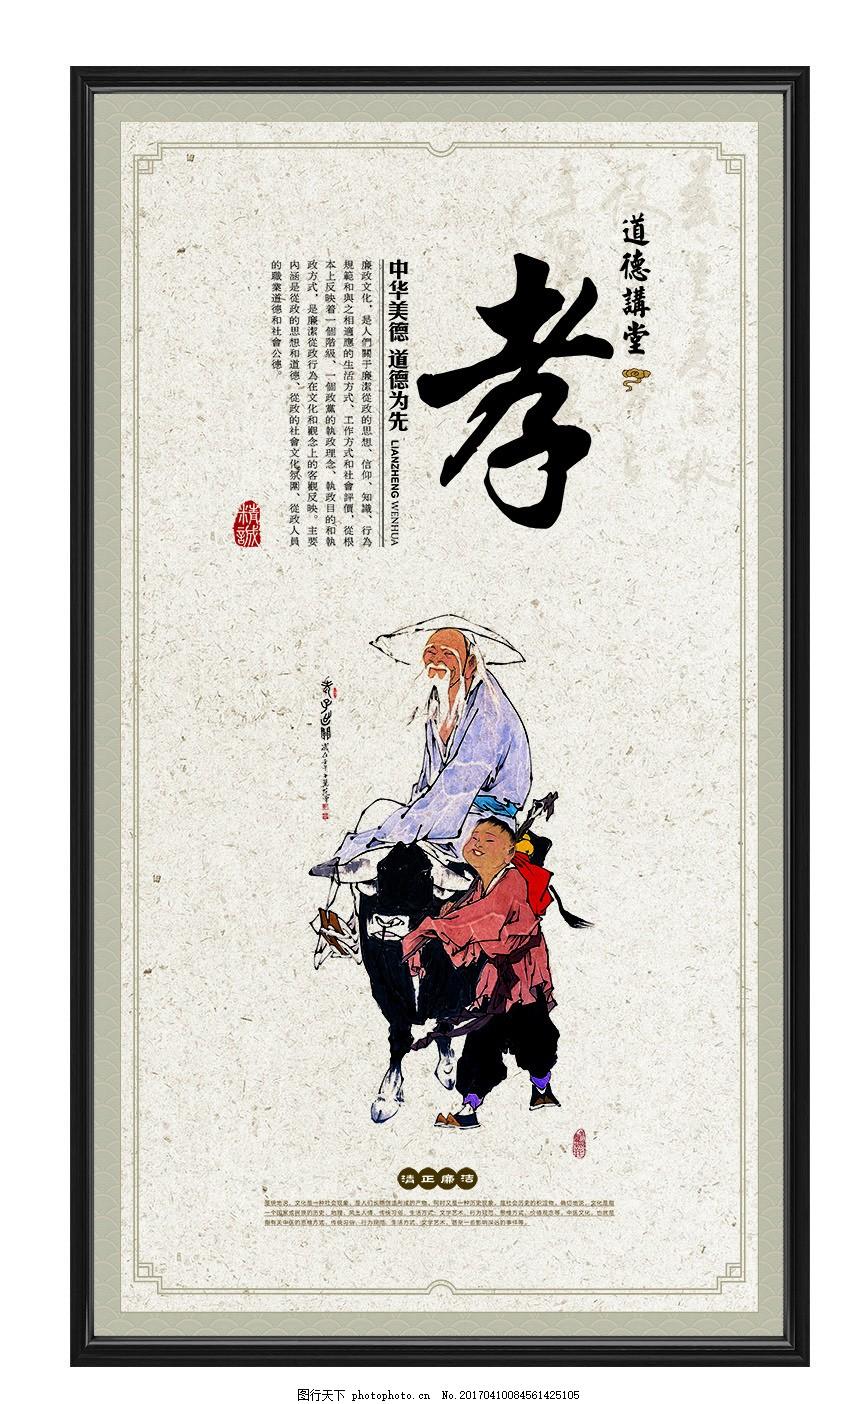 中国风海报 中国风展板 传统文化展板 道德讲堂展板 讲堂人物 国学